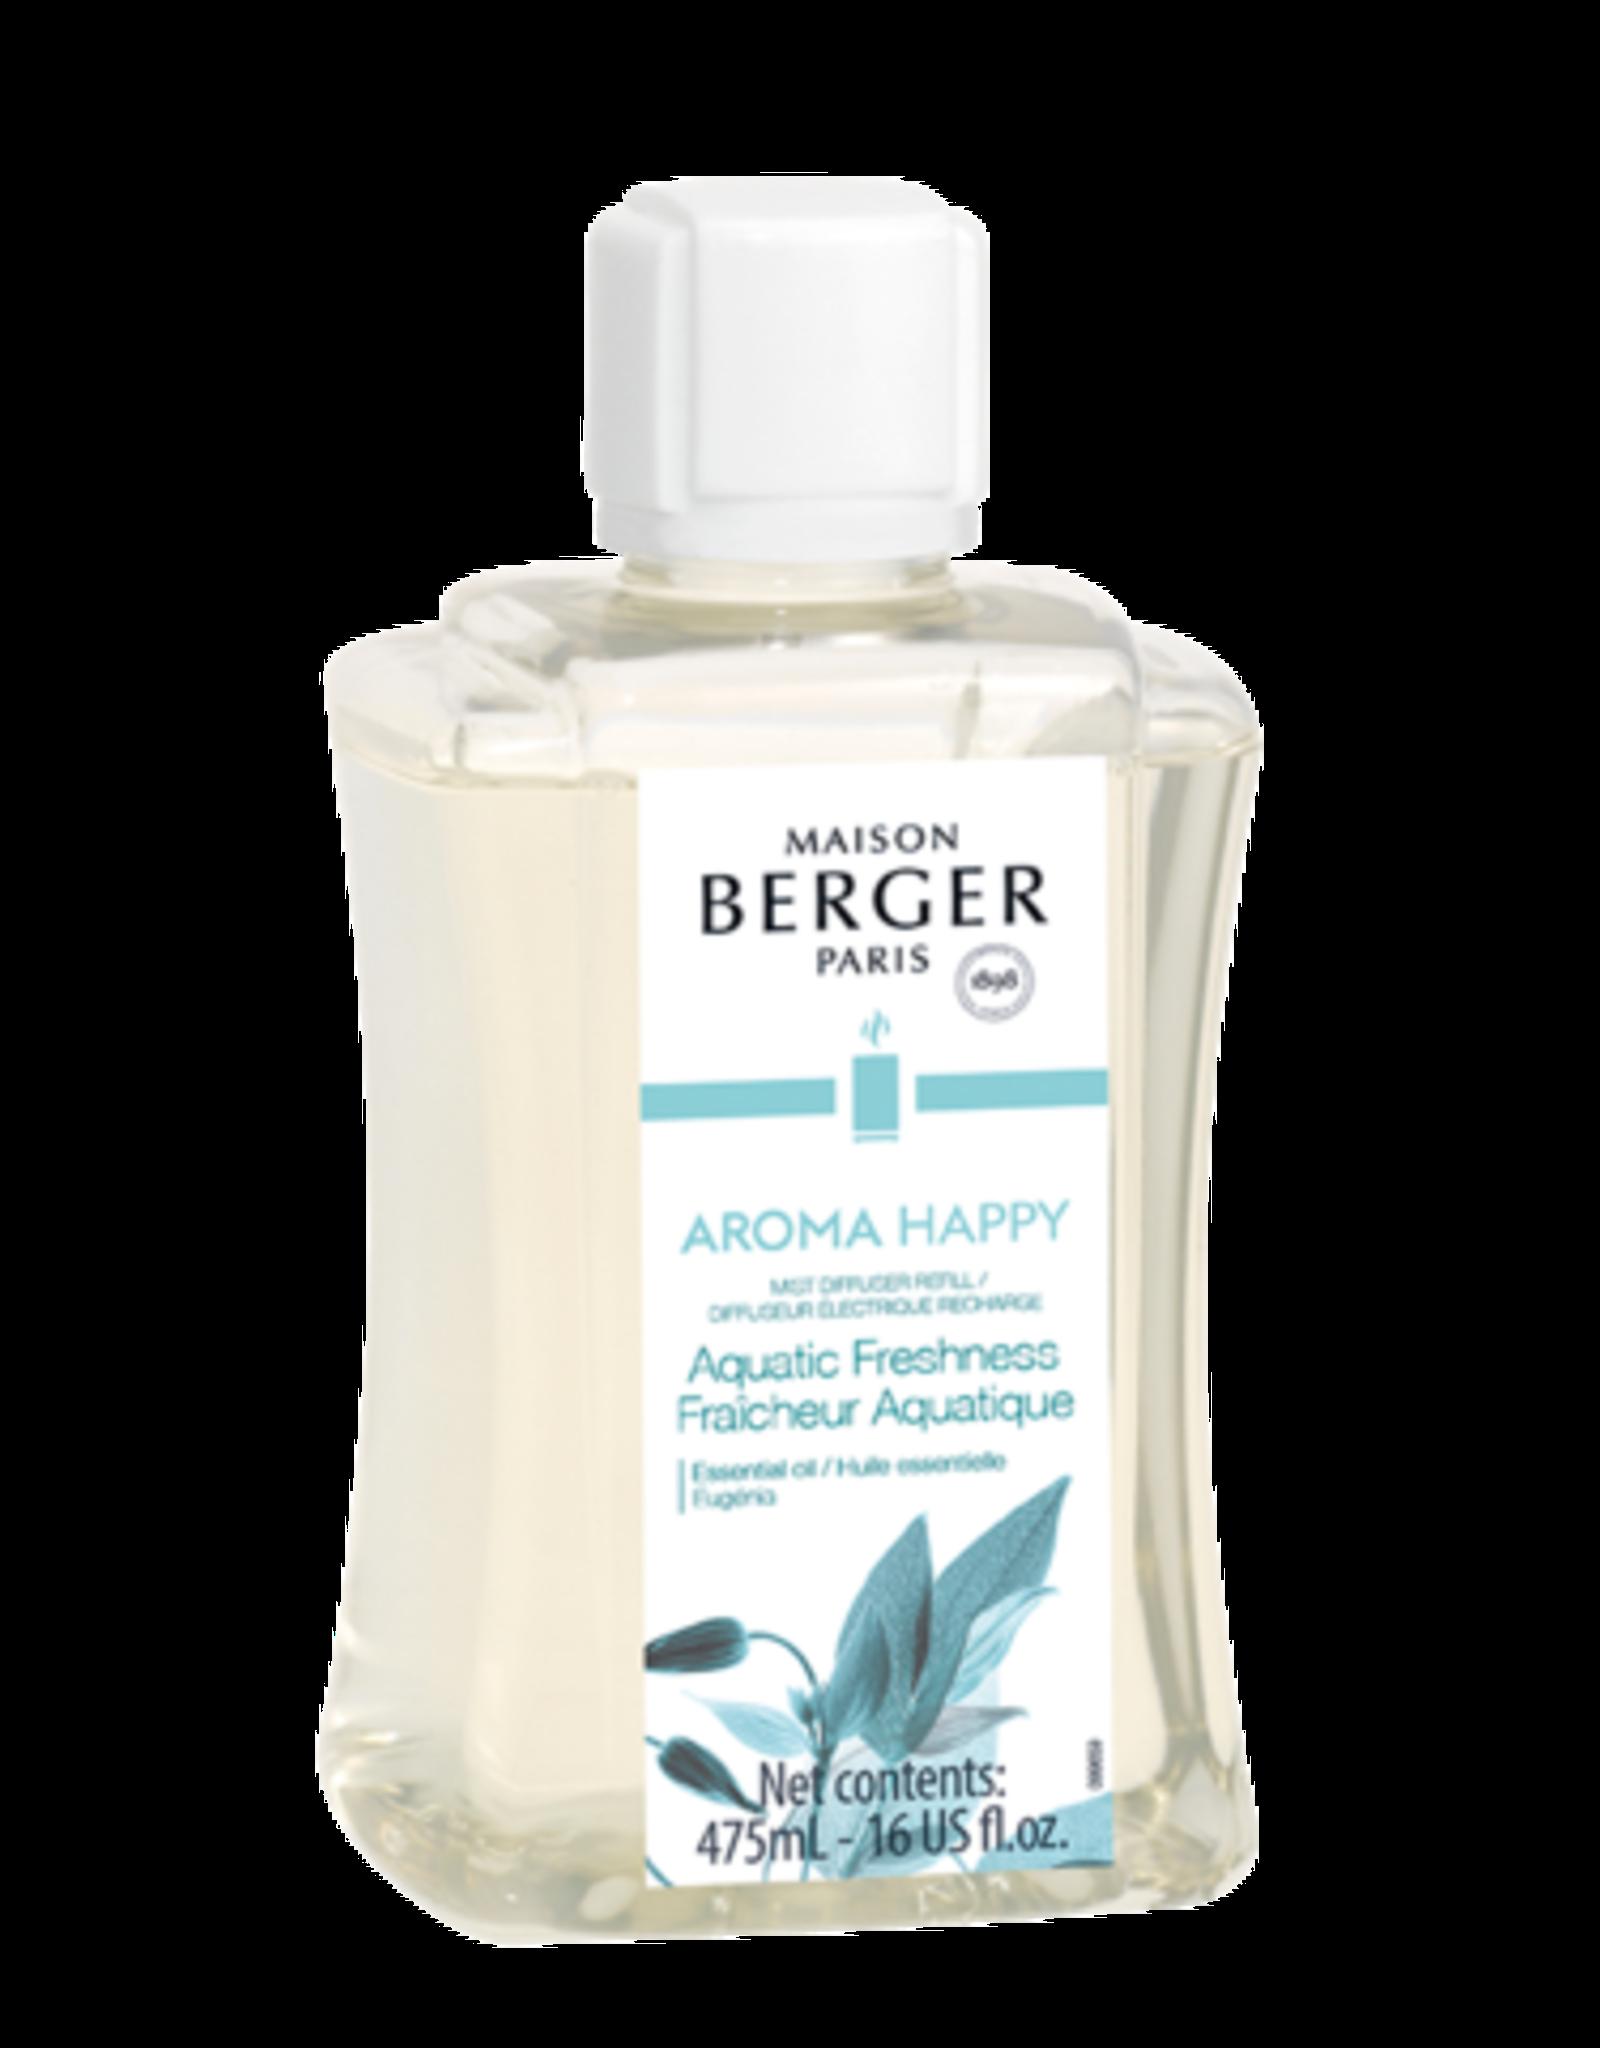 Maison Berger Recharge diff. électrique aroma happy- fraîcheur aquatique